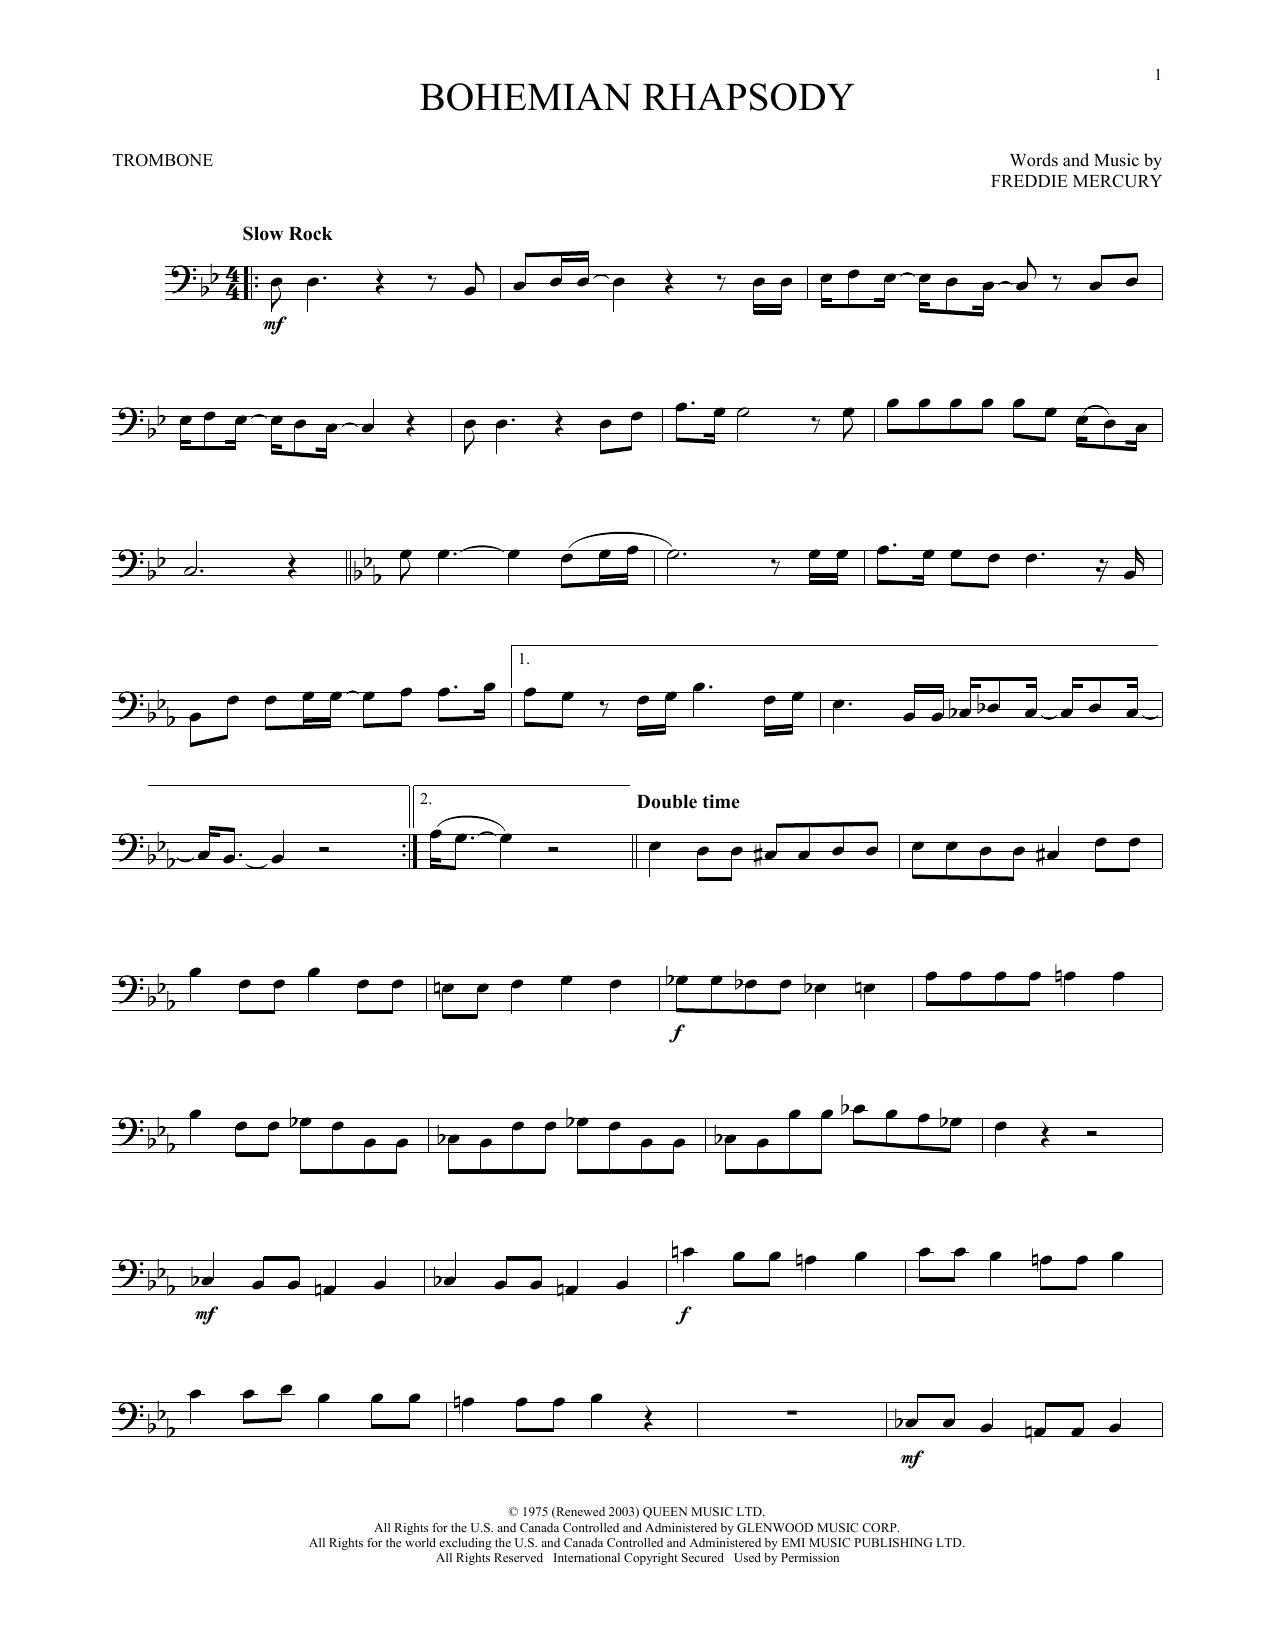 Bohemian Rhapsody (Trombone Solo)